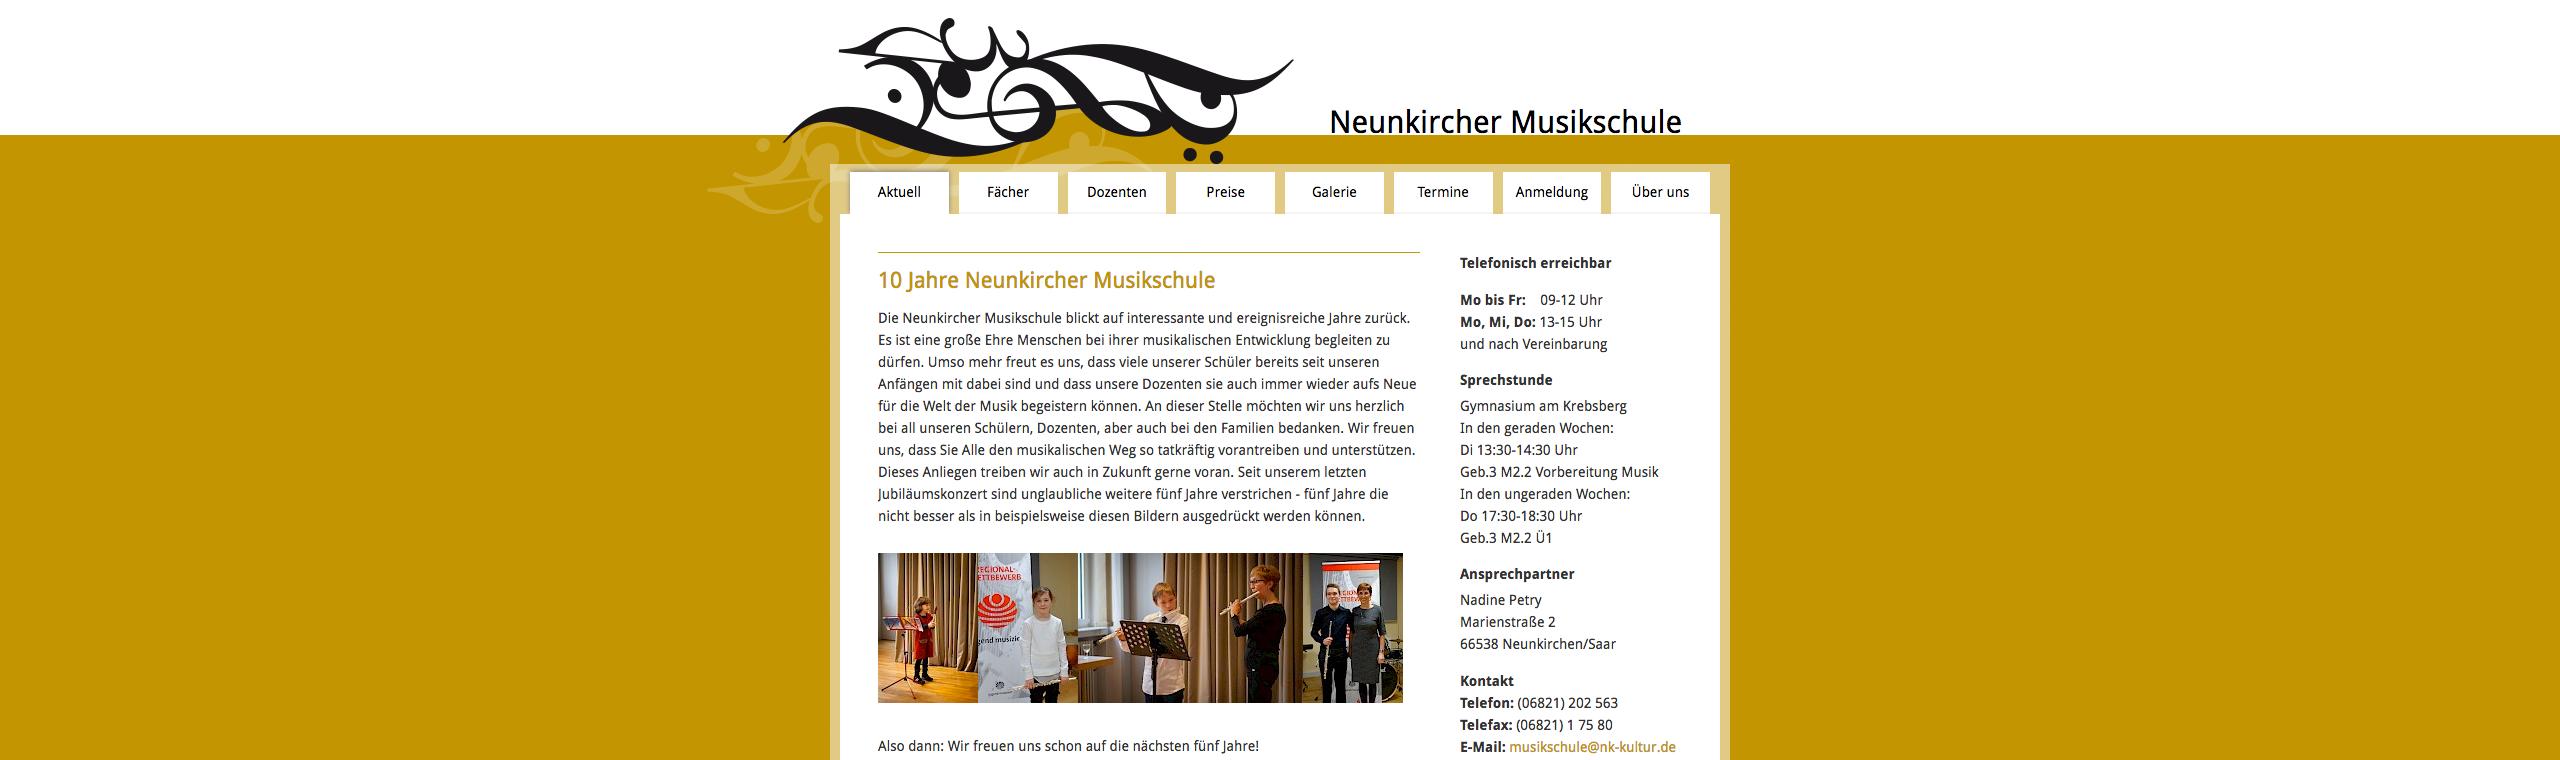 Neunkircher Musikschule